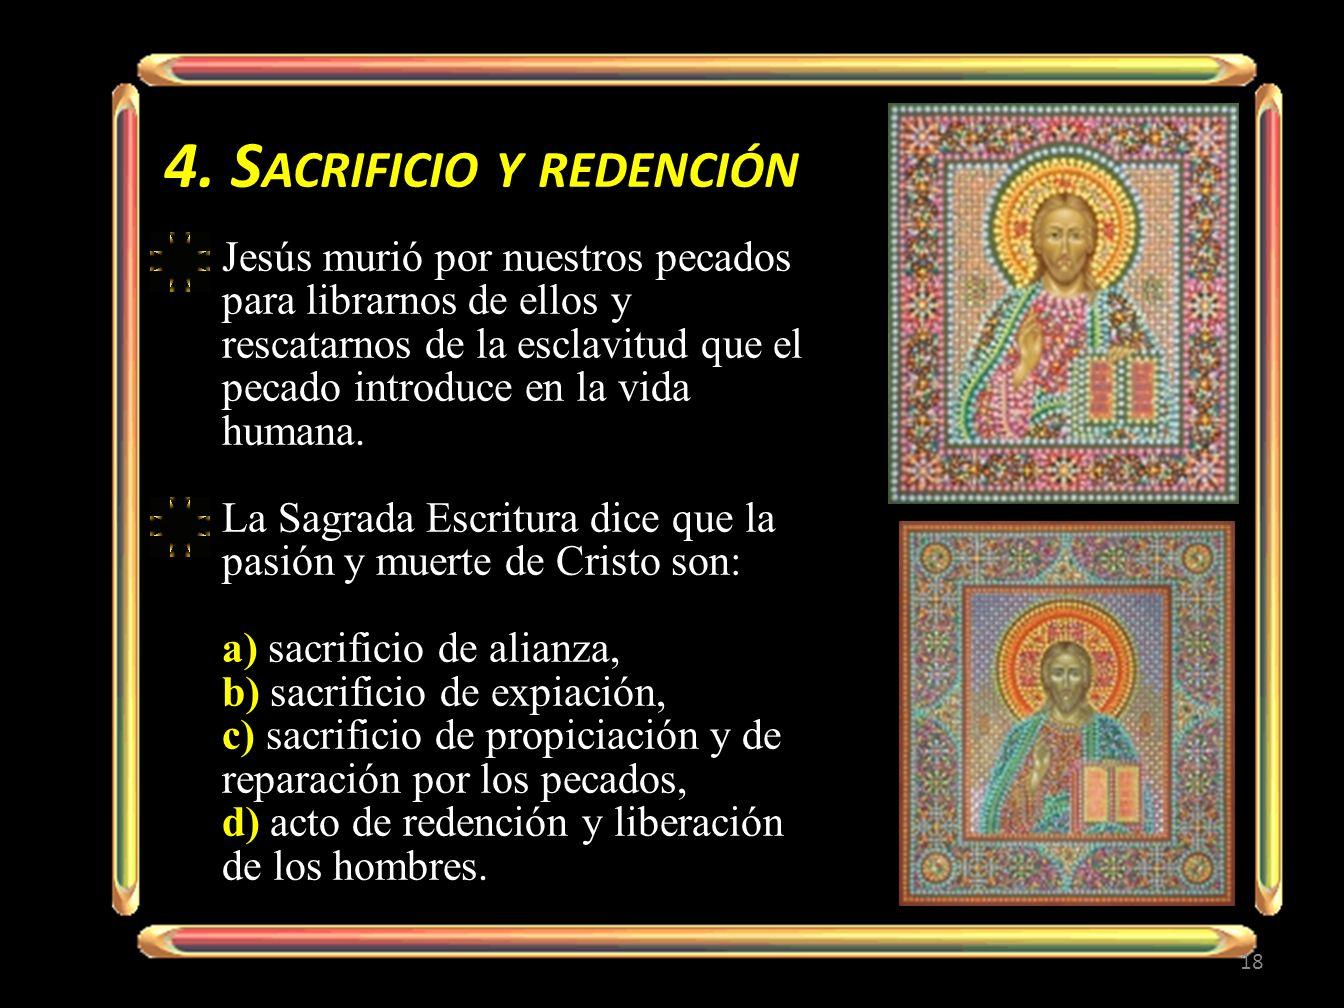 4. Sacrificio y redención